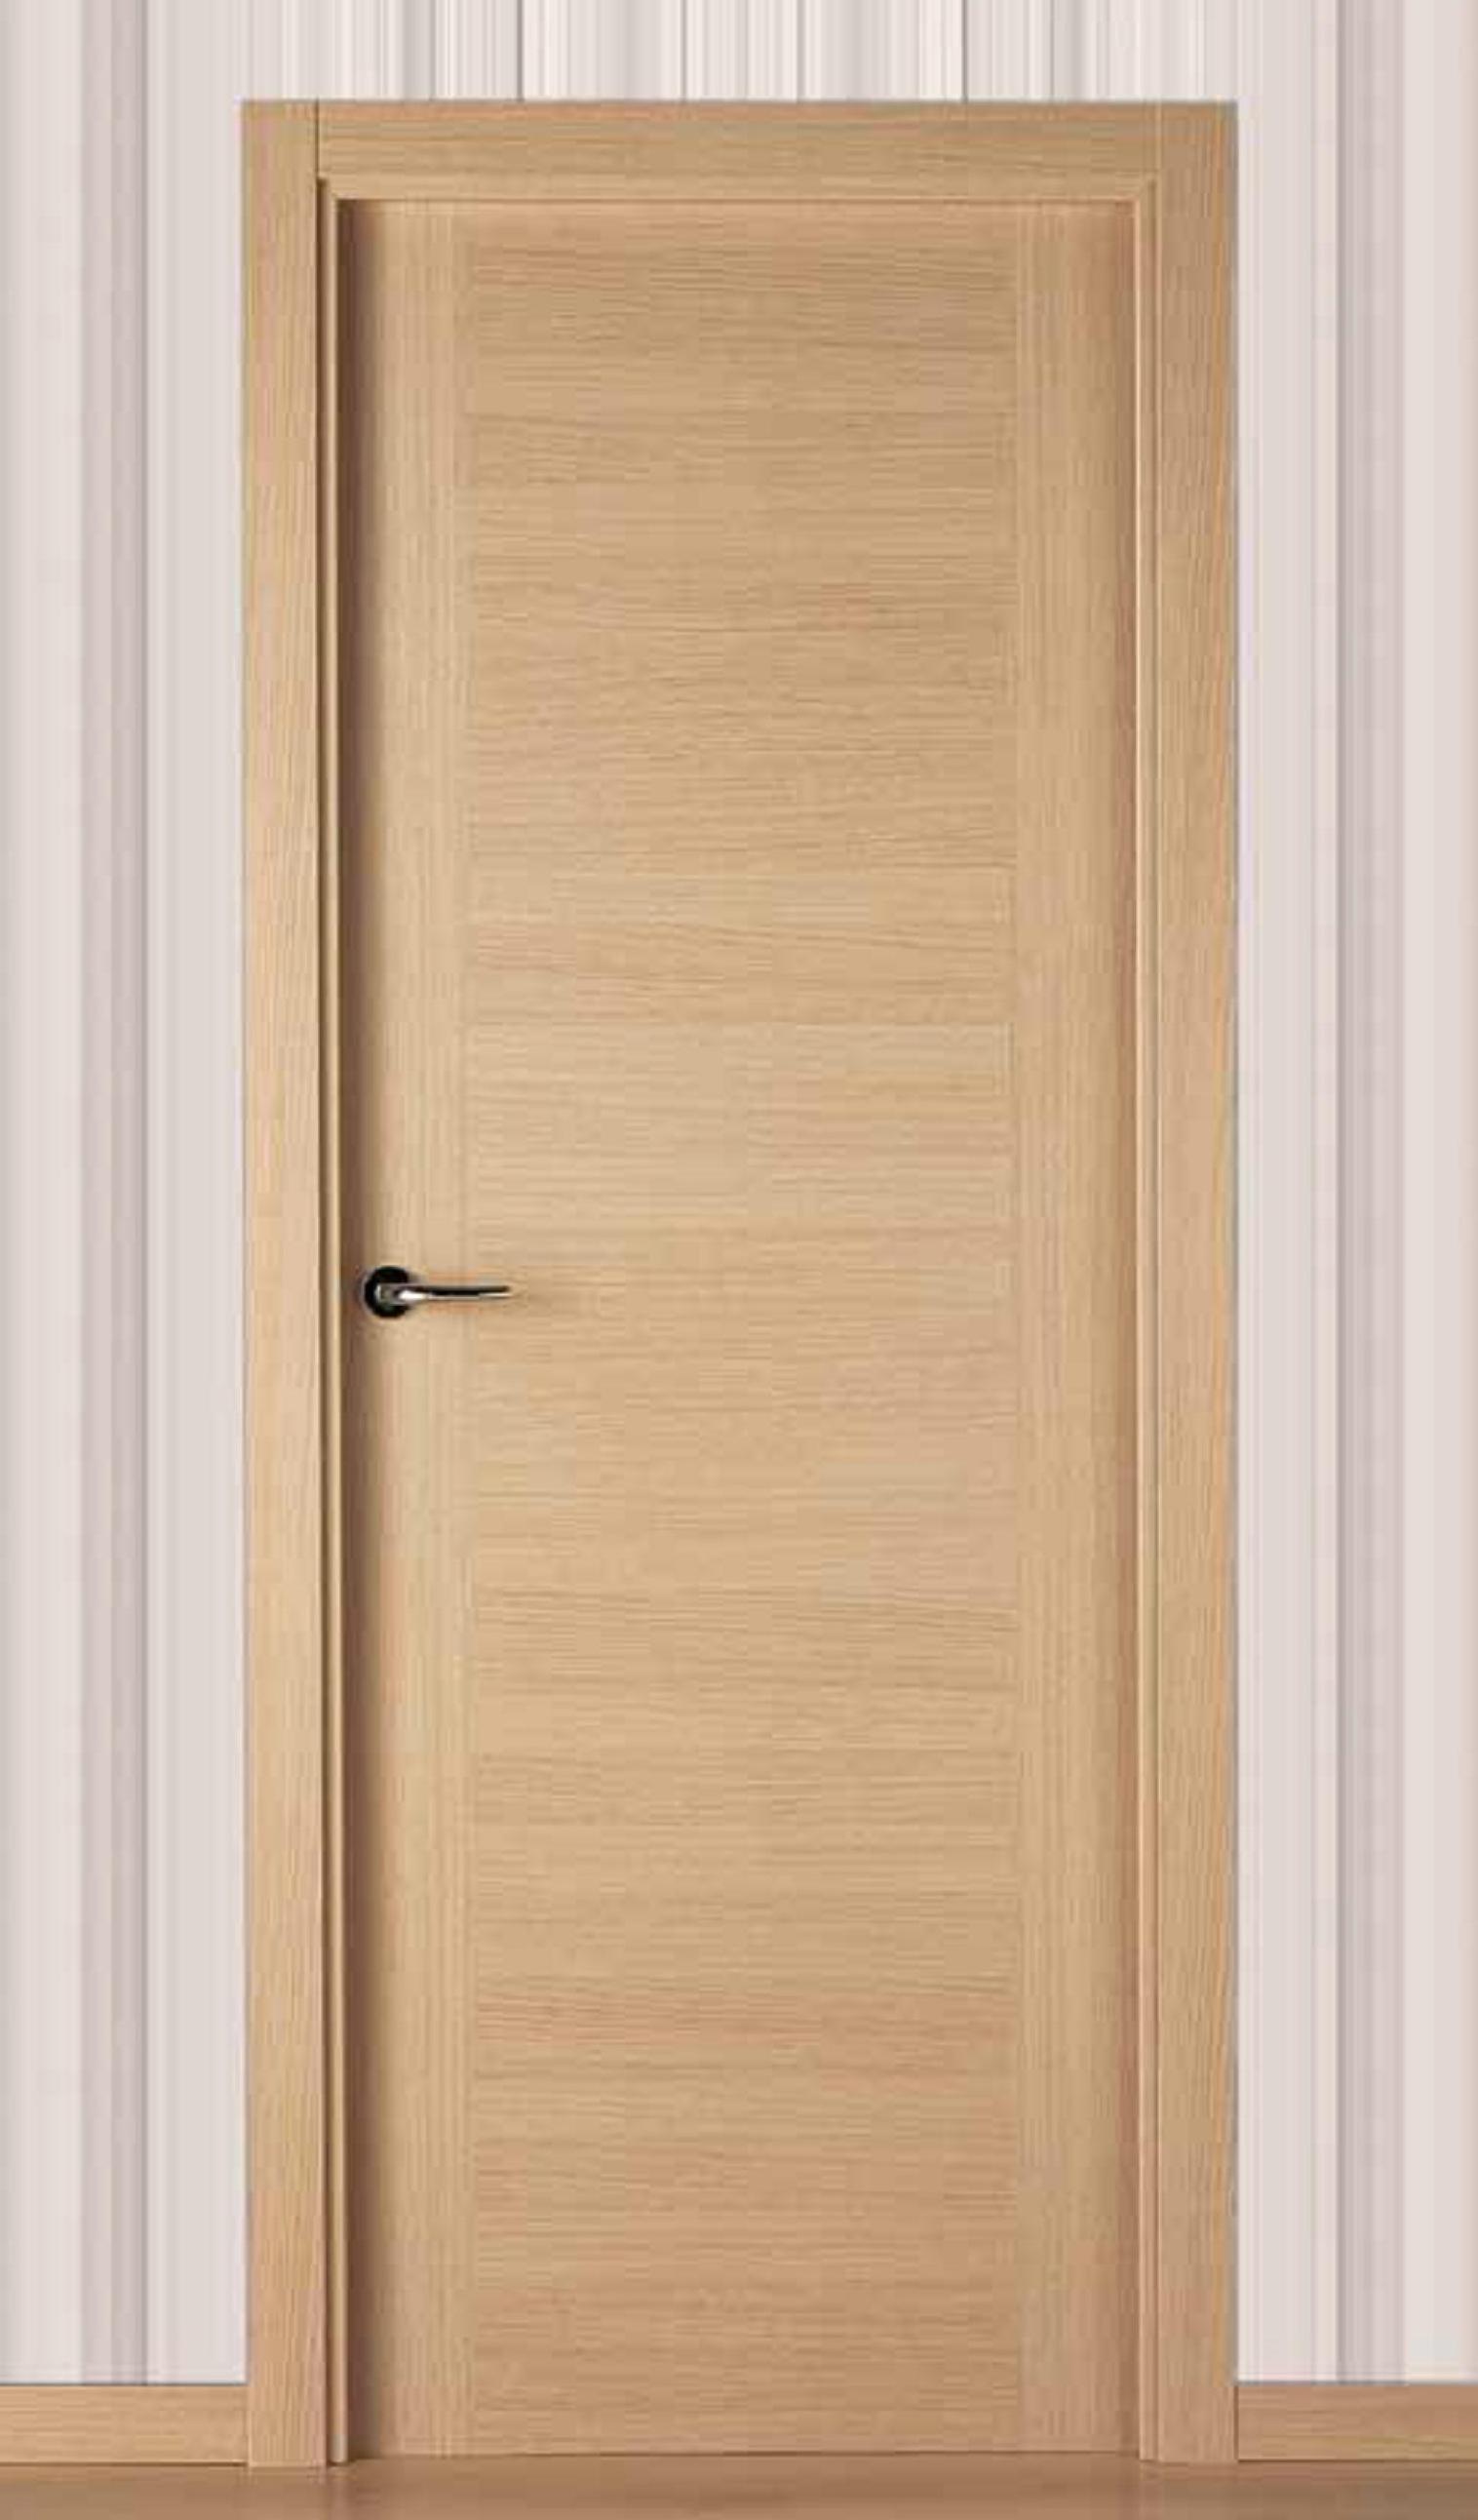 Fotos de puertas de interior puerta de nueva tendencia a for Precio puerta roble